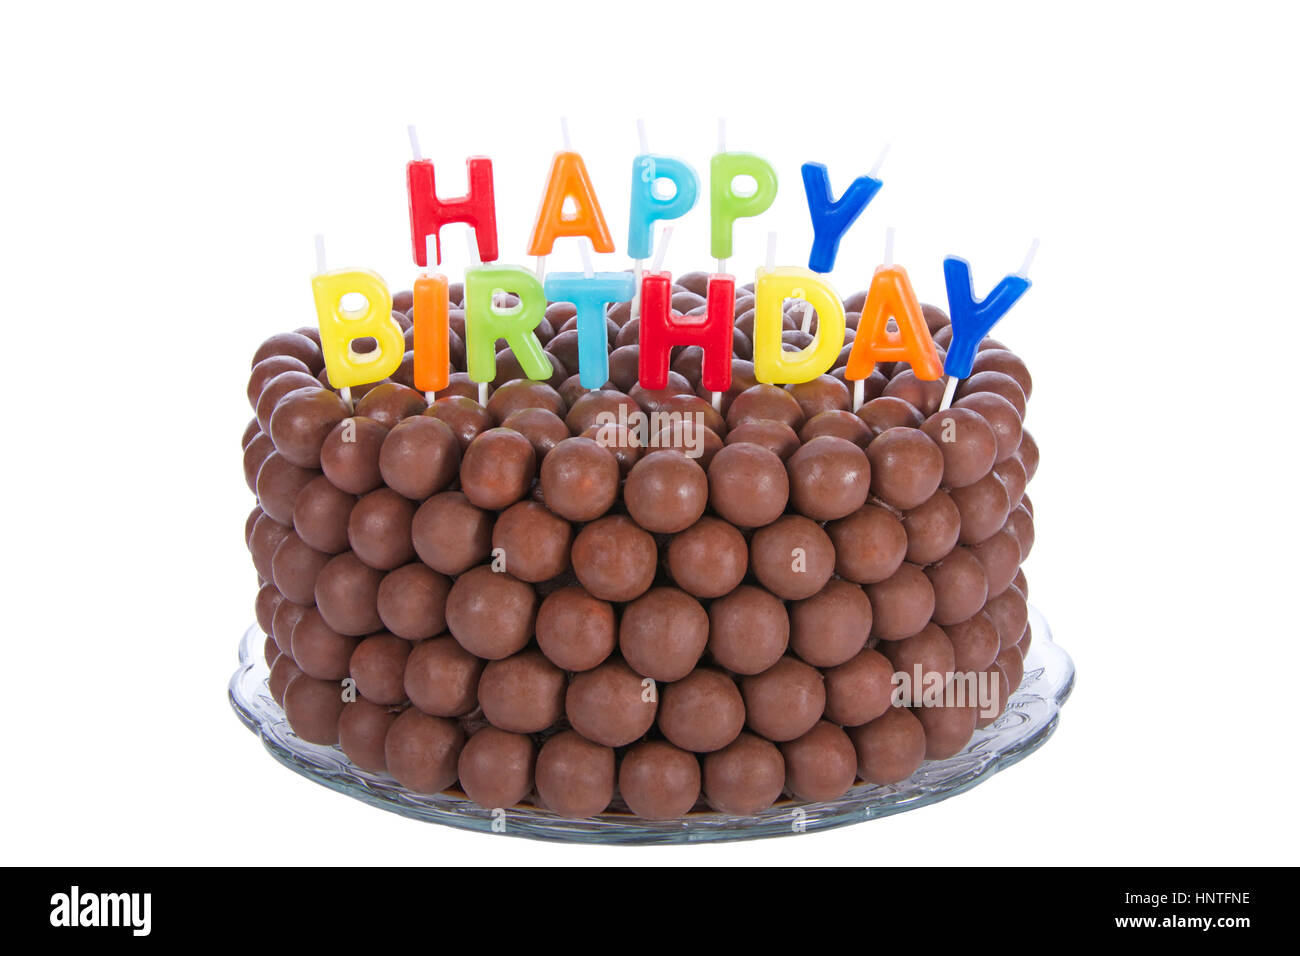 Fantastische Schokolade Kuchen Mit Sussigkeiten Malz Kugeln Mit